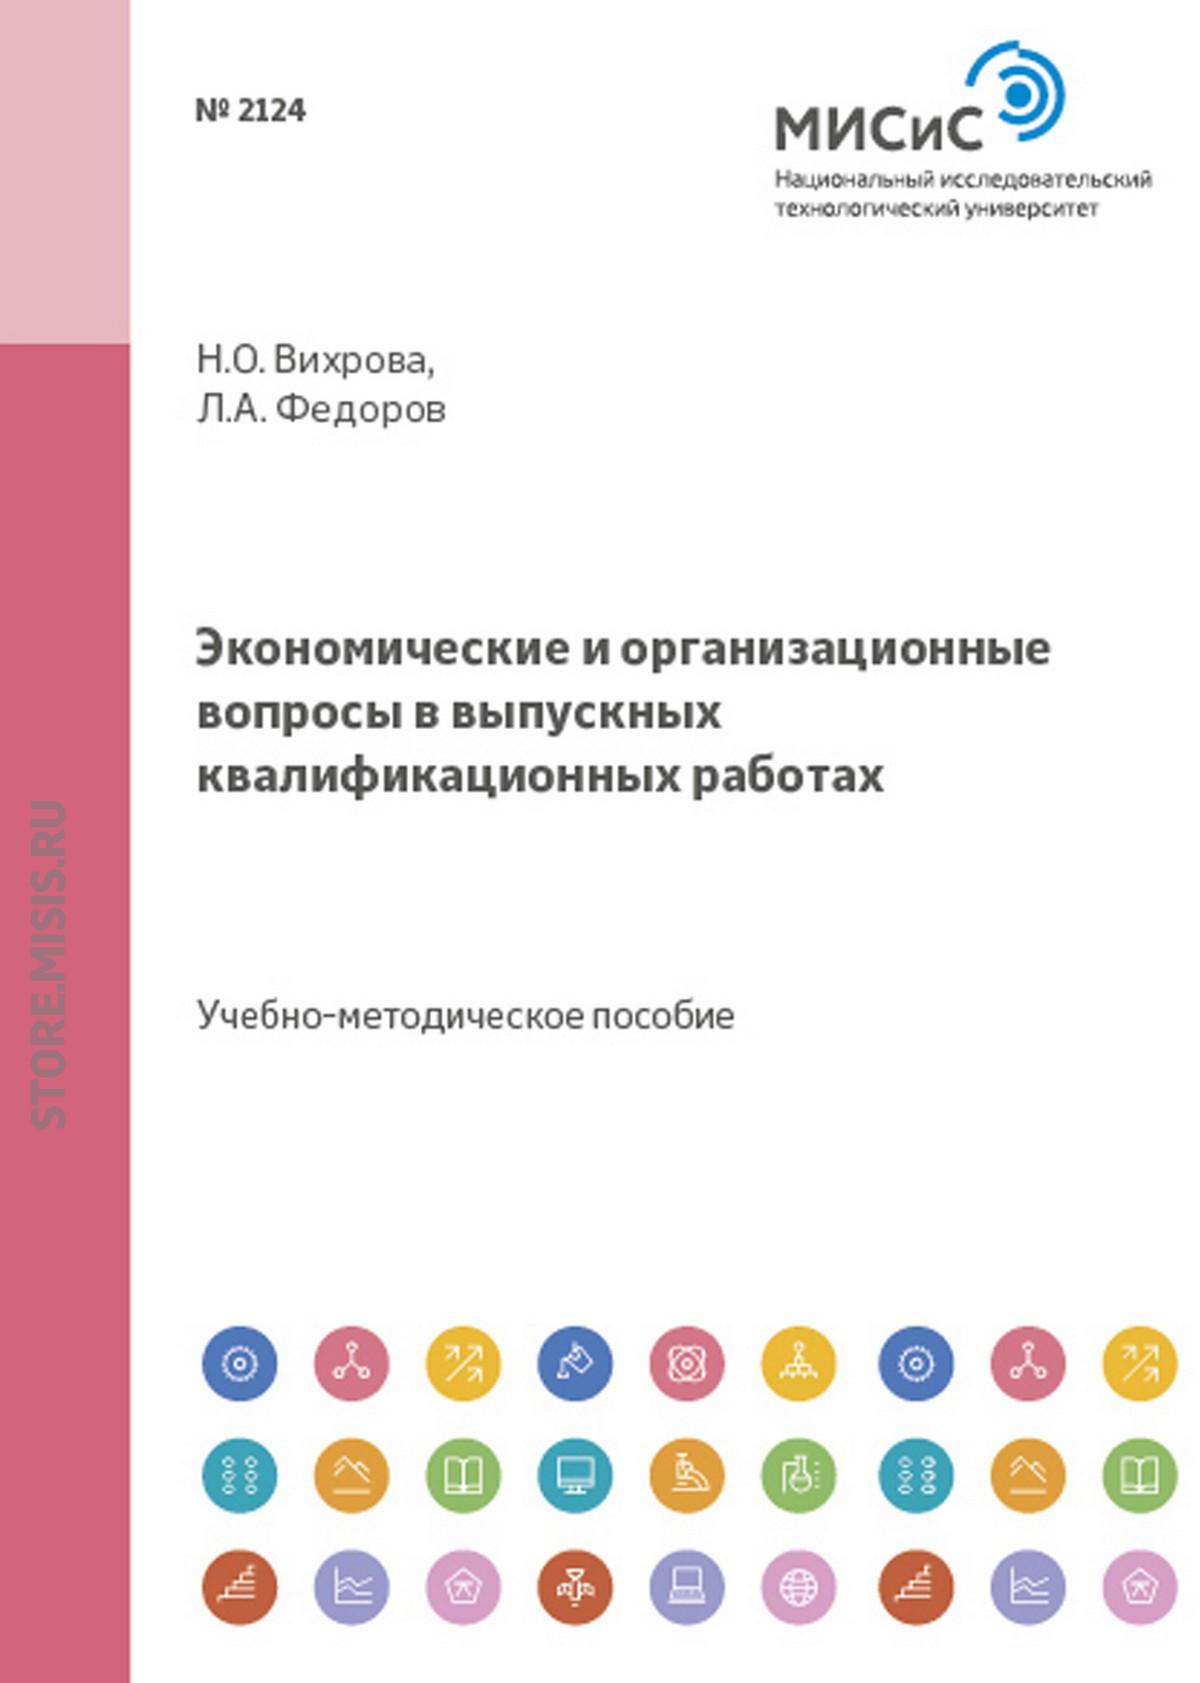 Экономические и организационные вопросы в выпускных квалификационных работах